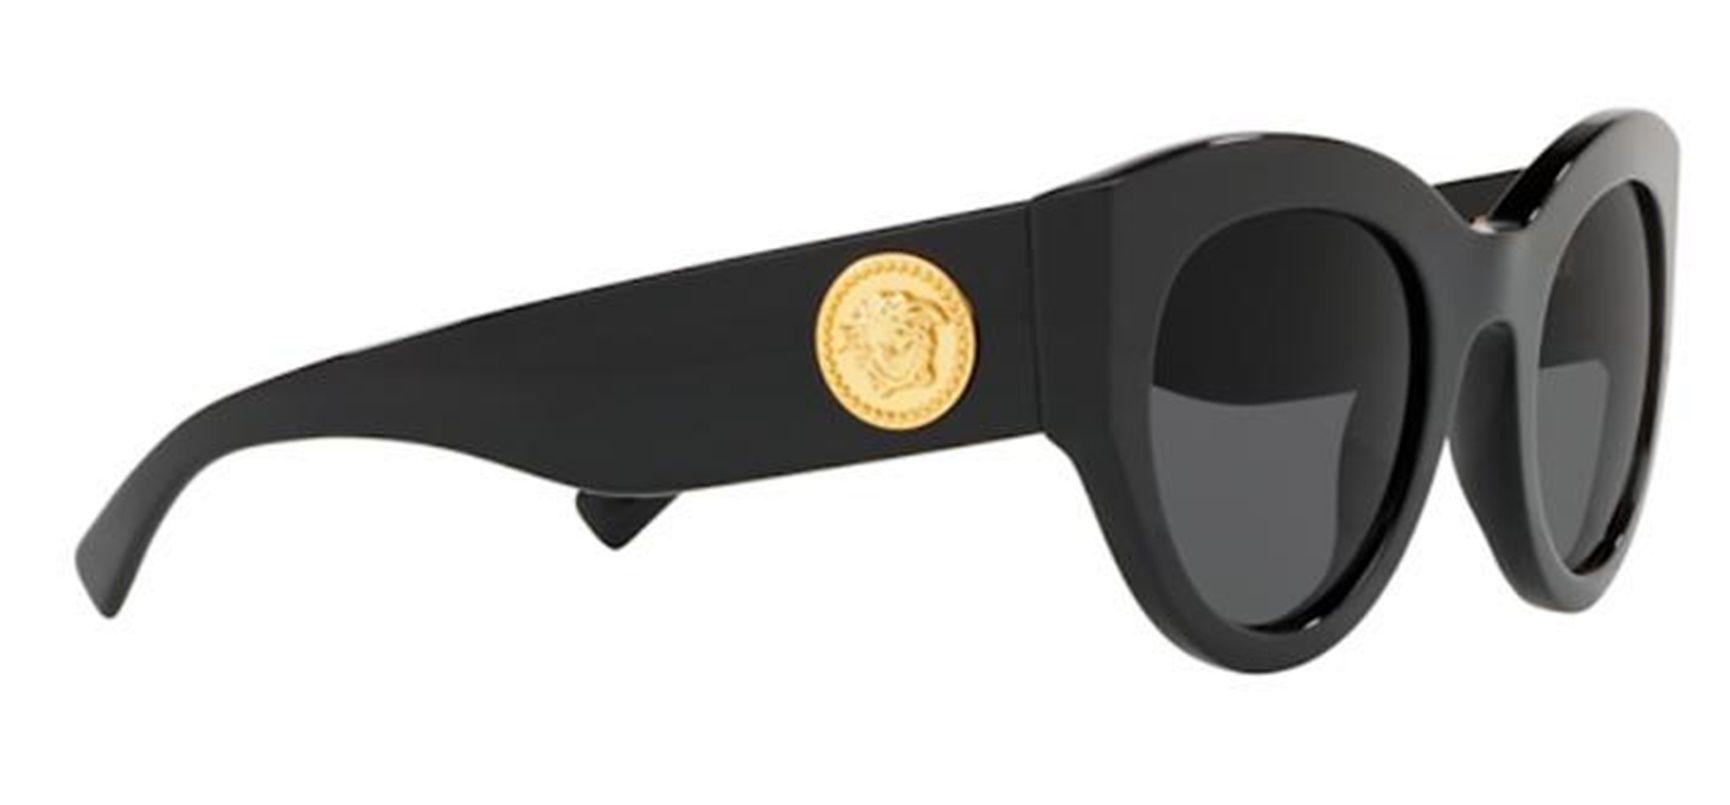 7c4562b98 Óculos de Sol Versace Bruna Marquezine MOD. 4353 GB1/87 - Omega ...